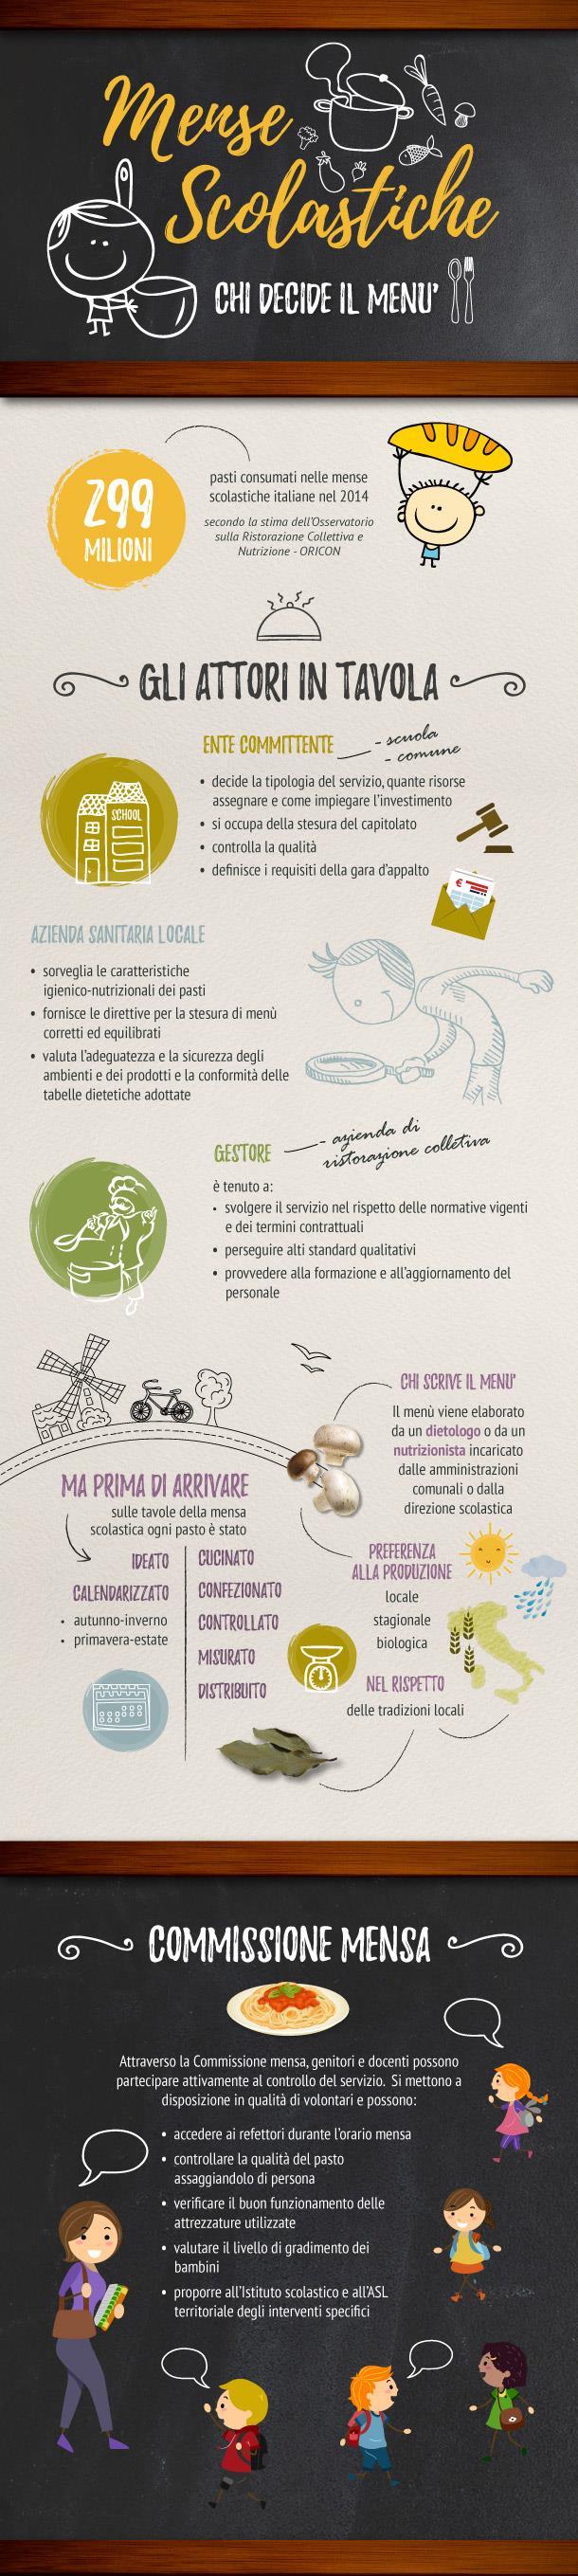 infografica mense scolastiche